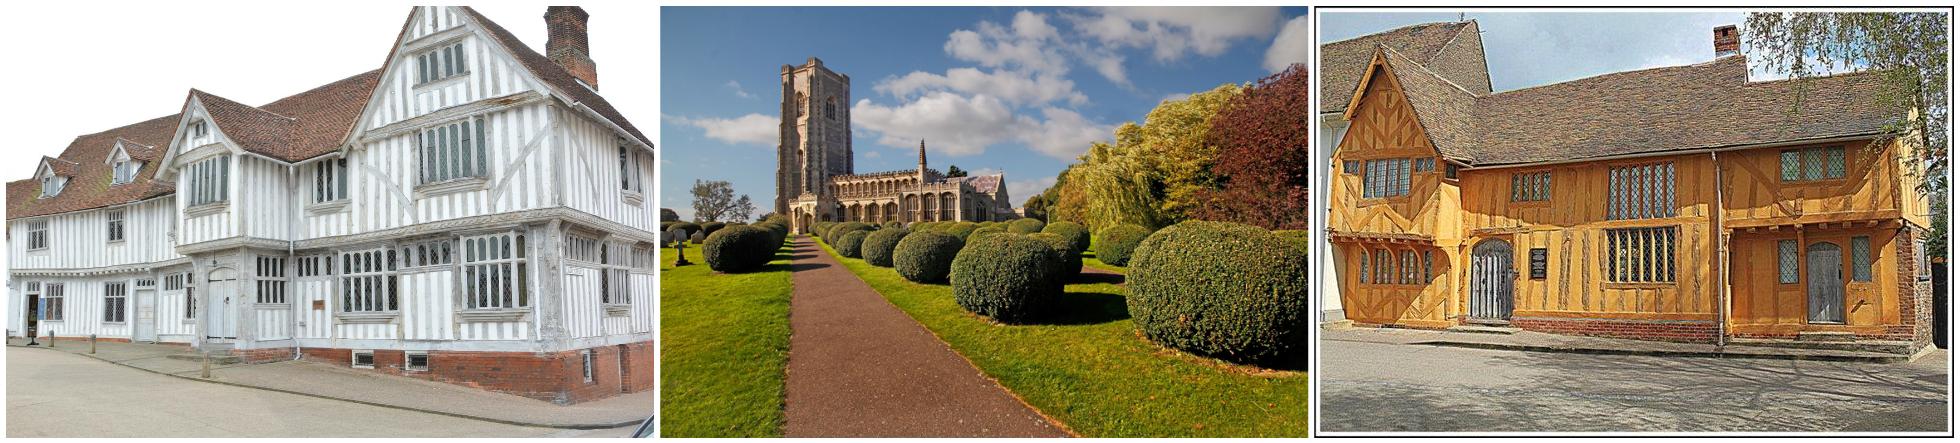 Explore Lavenham in Suffolk